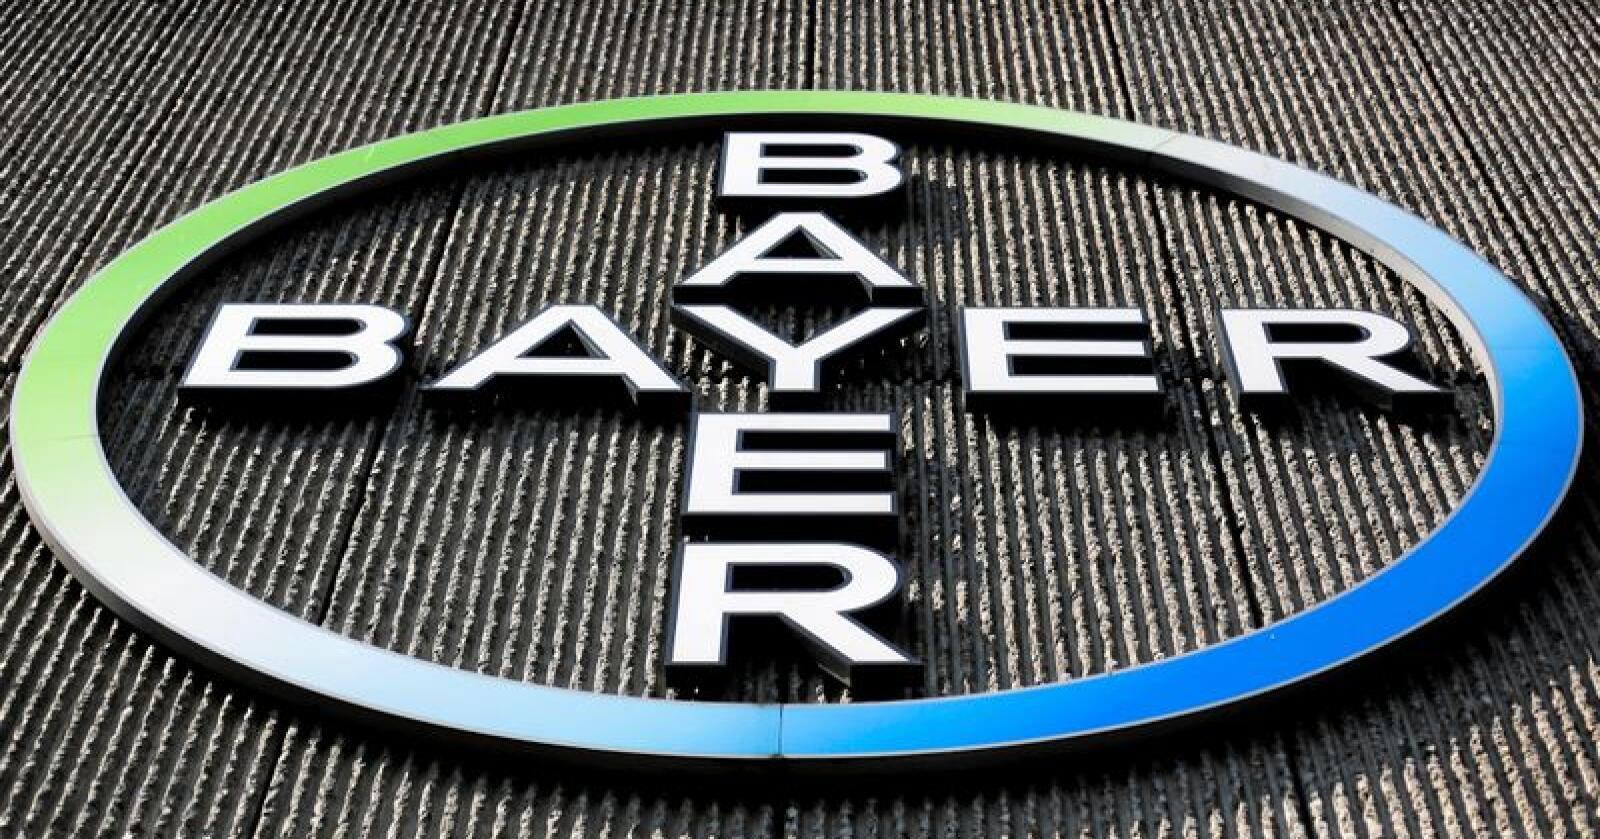 Legemiddelgiganten Bayer planlegger å kutte 12.000 stillinger på verdensbasis. Foto: arkus Schreiber / AP Photo